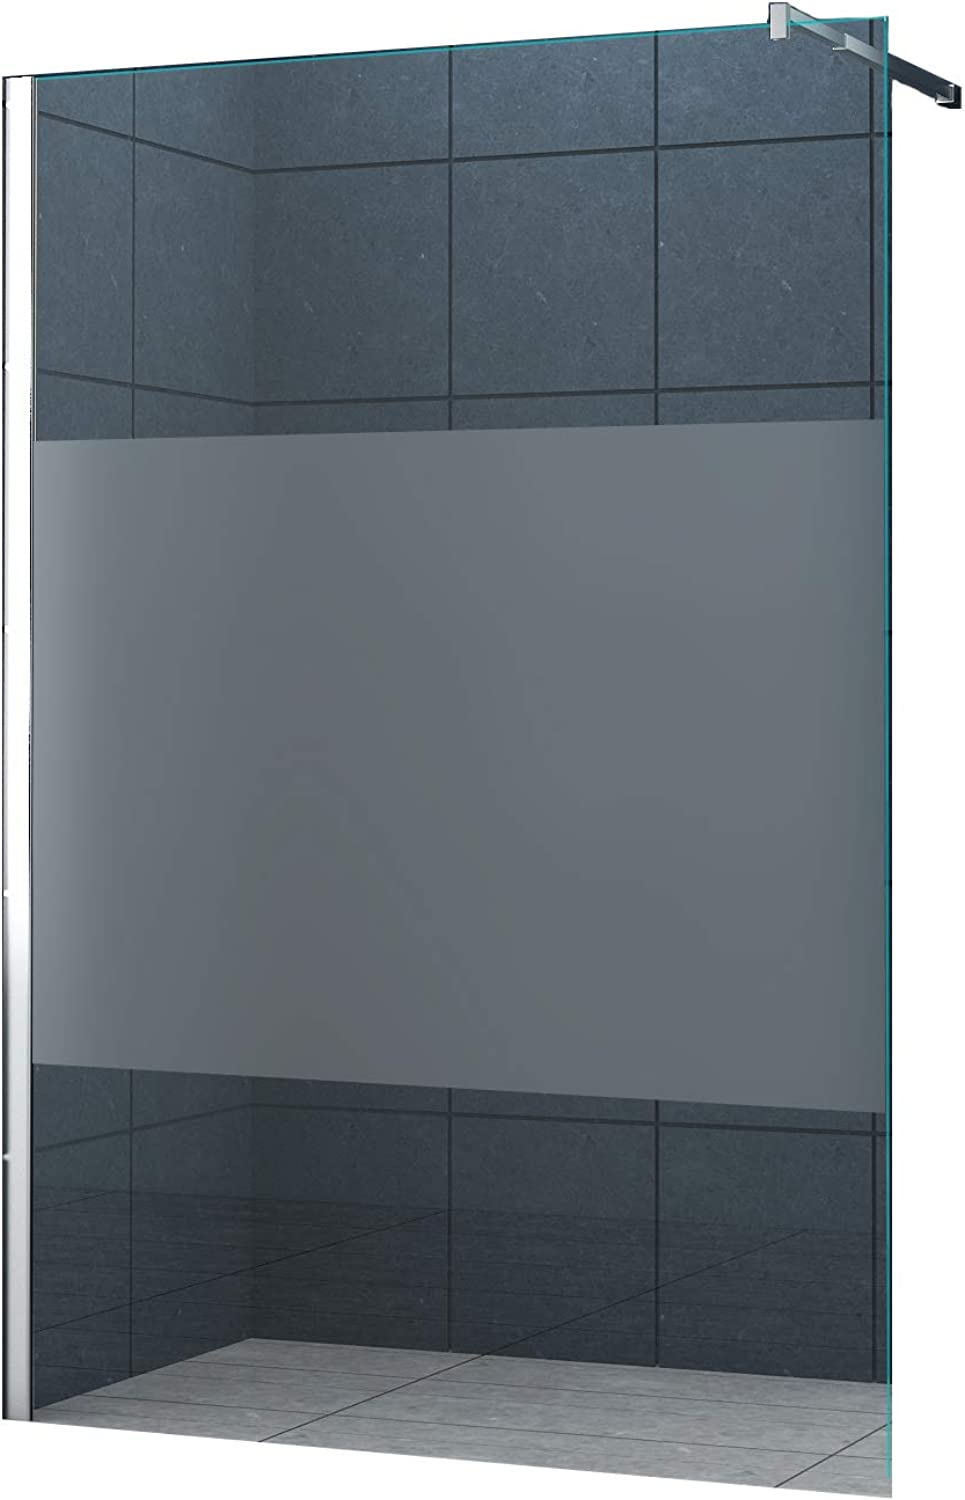 10 mm Duschabtrennung Düsseldorf-Cover 140 x 200 cm Dusche Duschtrennwand Duschwand